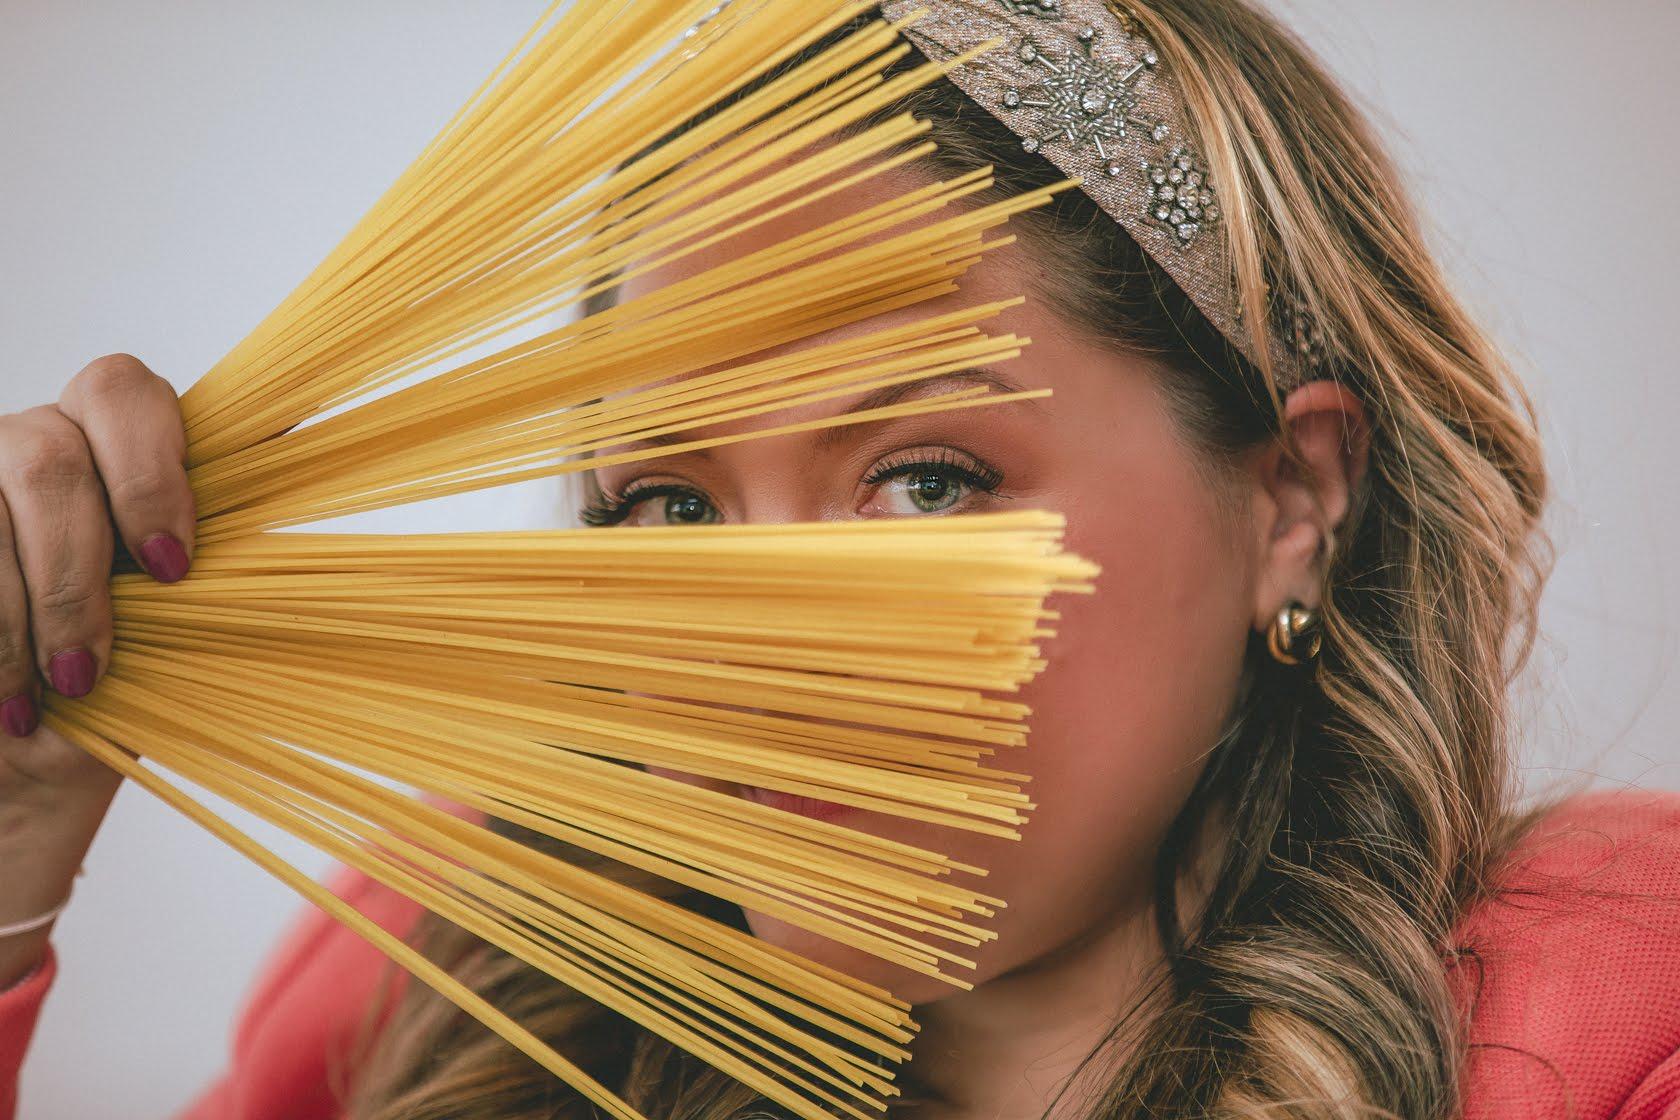 Nicole-Pasta-Peepin.jpg